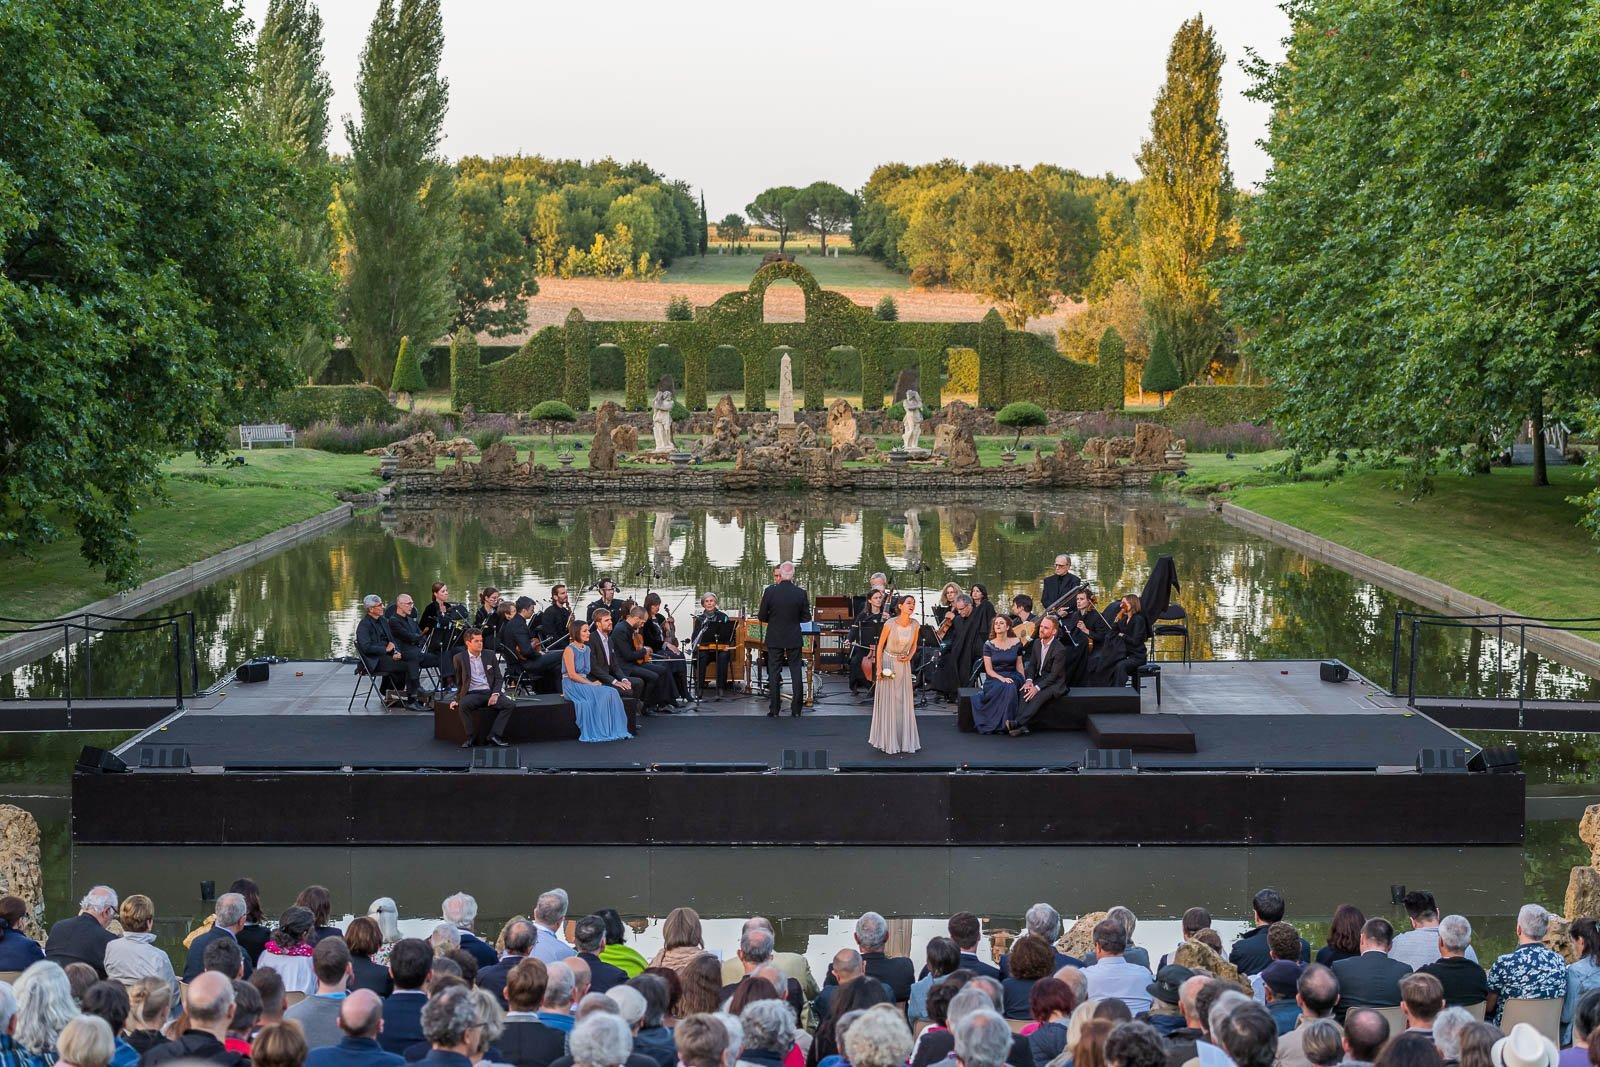 Baroque music flourishes in the gardens of william - Festival dans les jardins de william christie ...